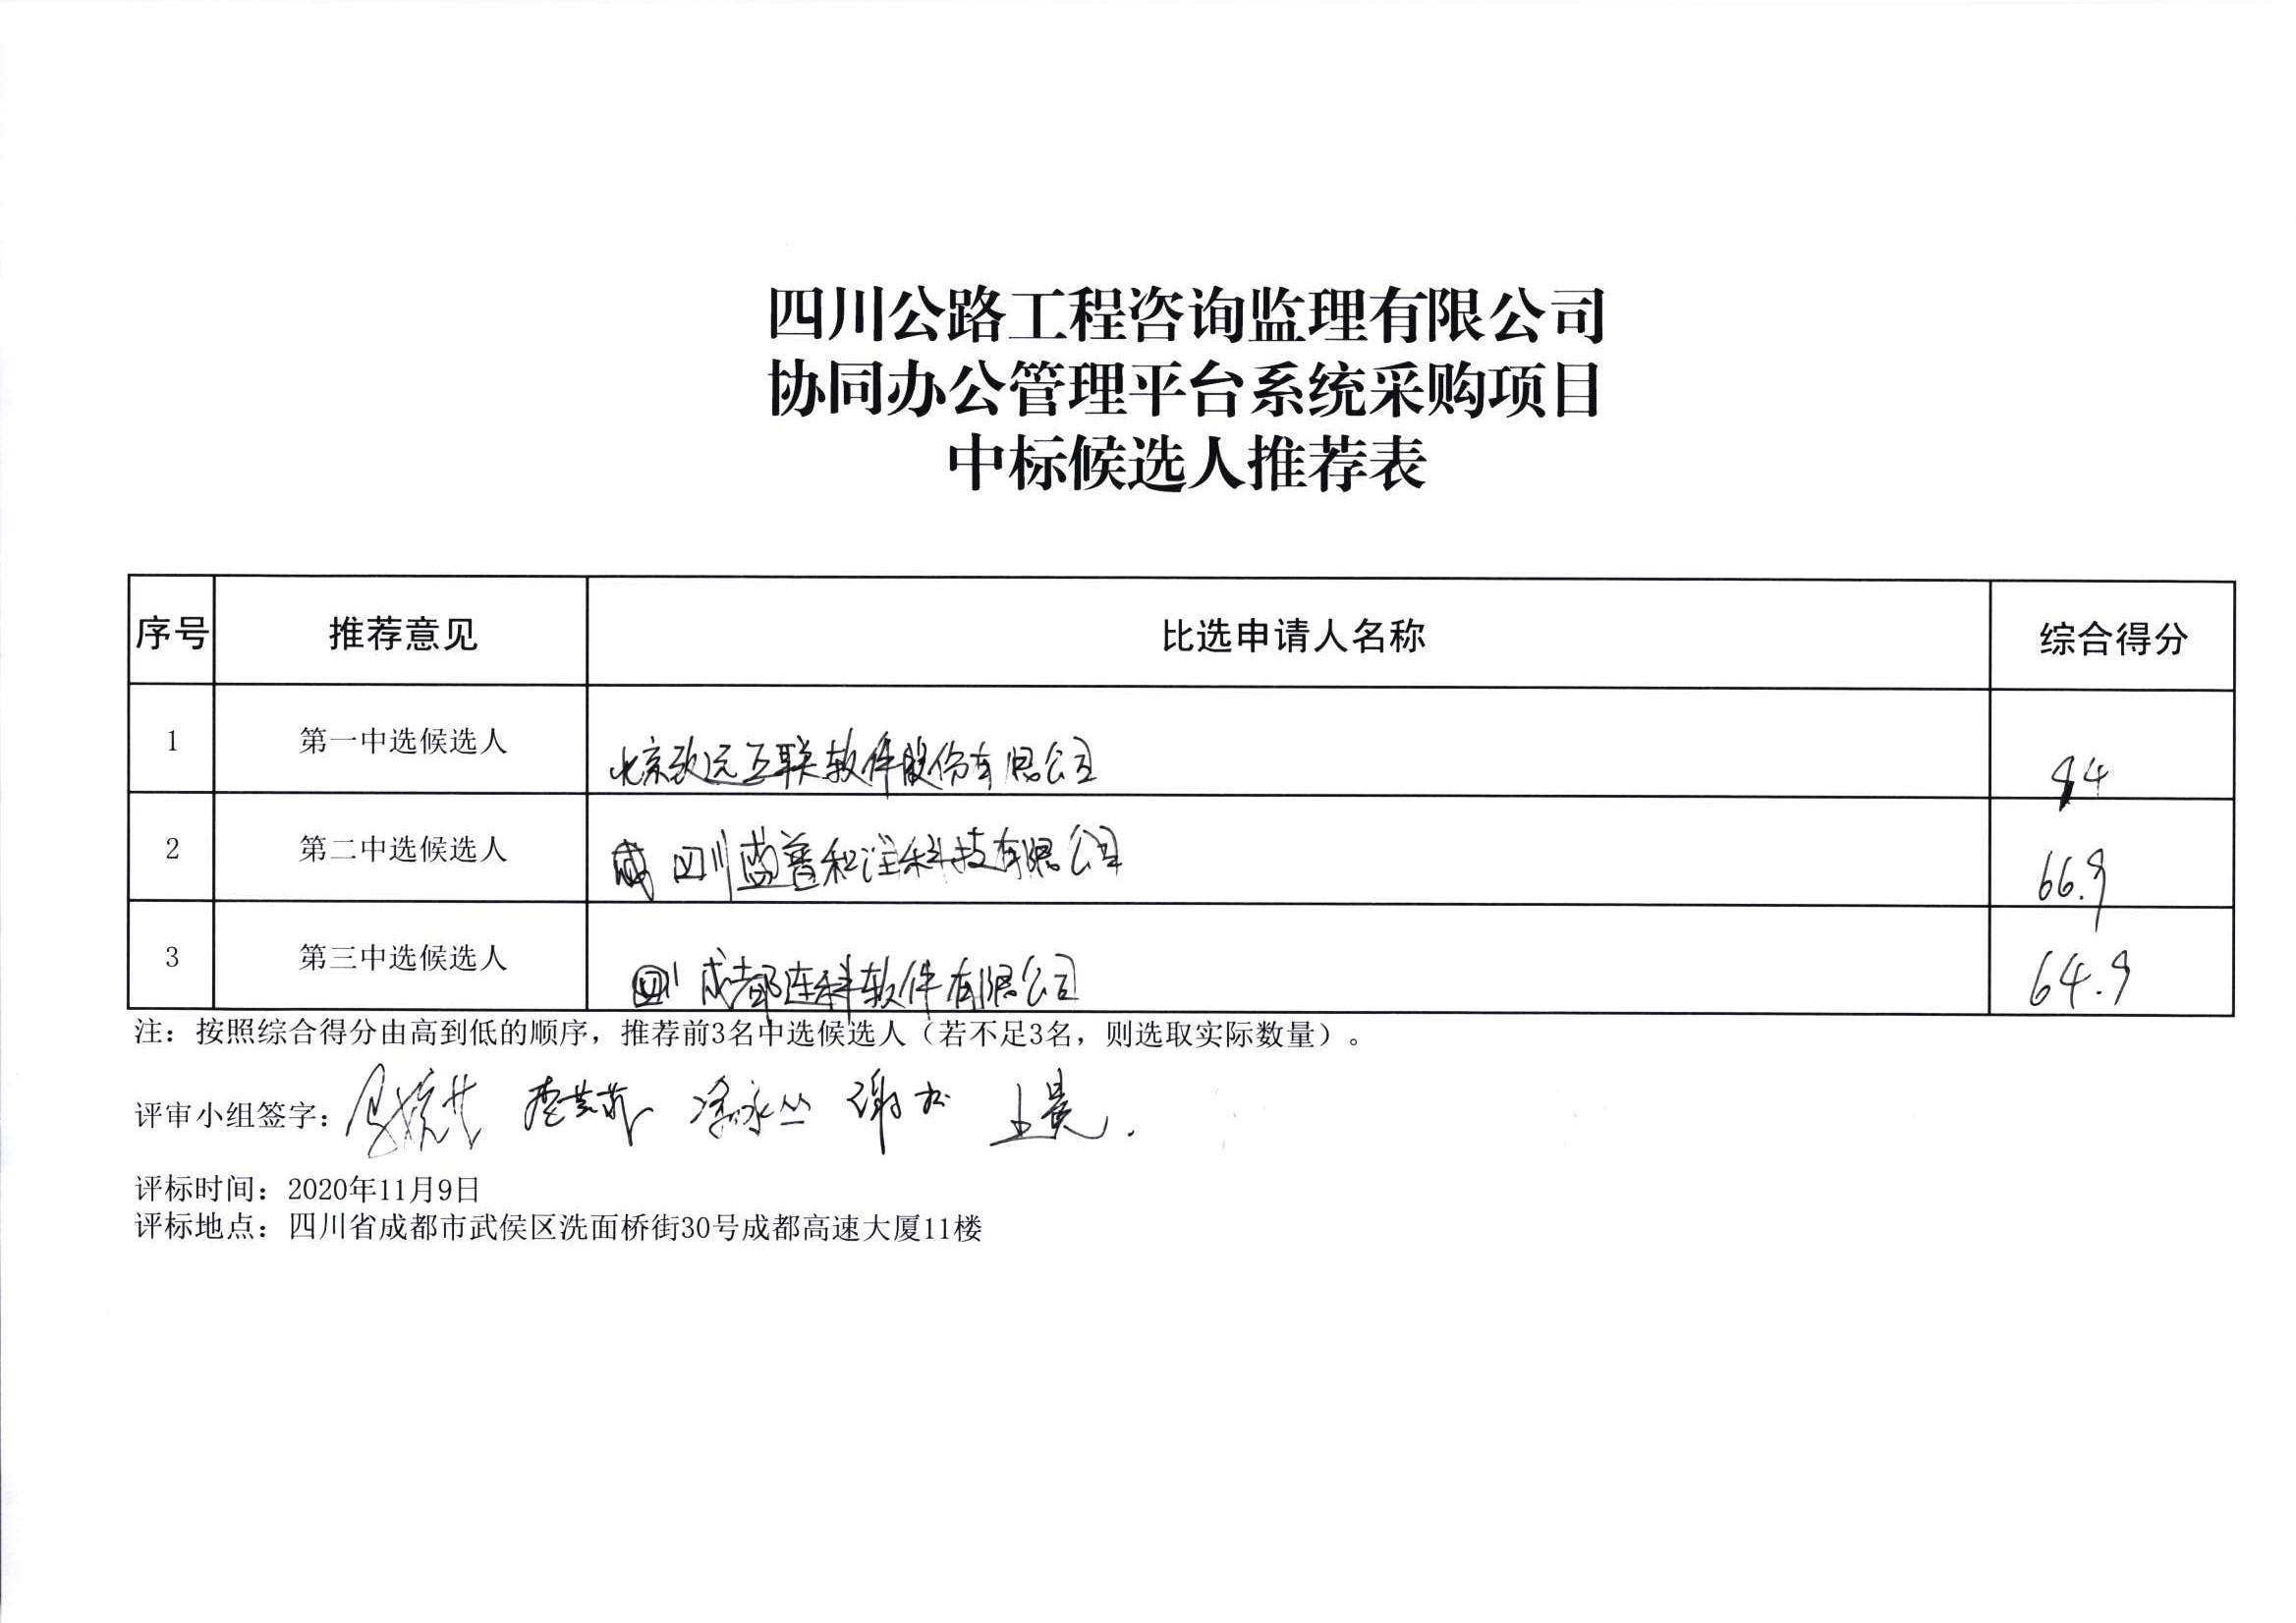 中标候选人推荐表.jpg